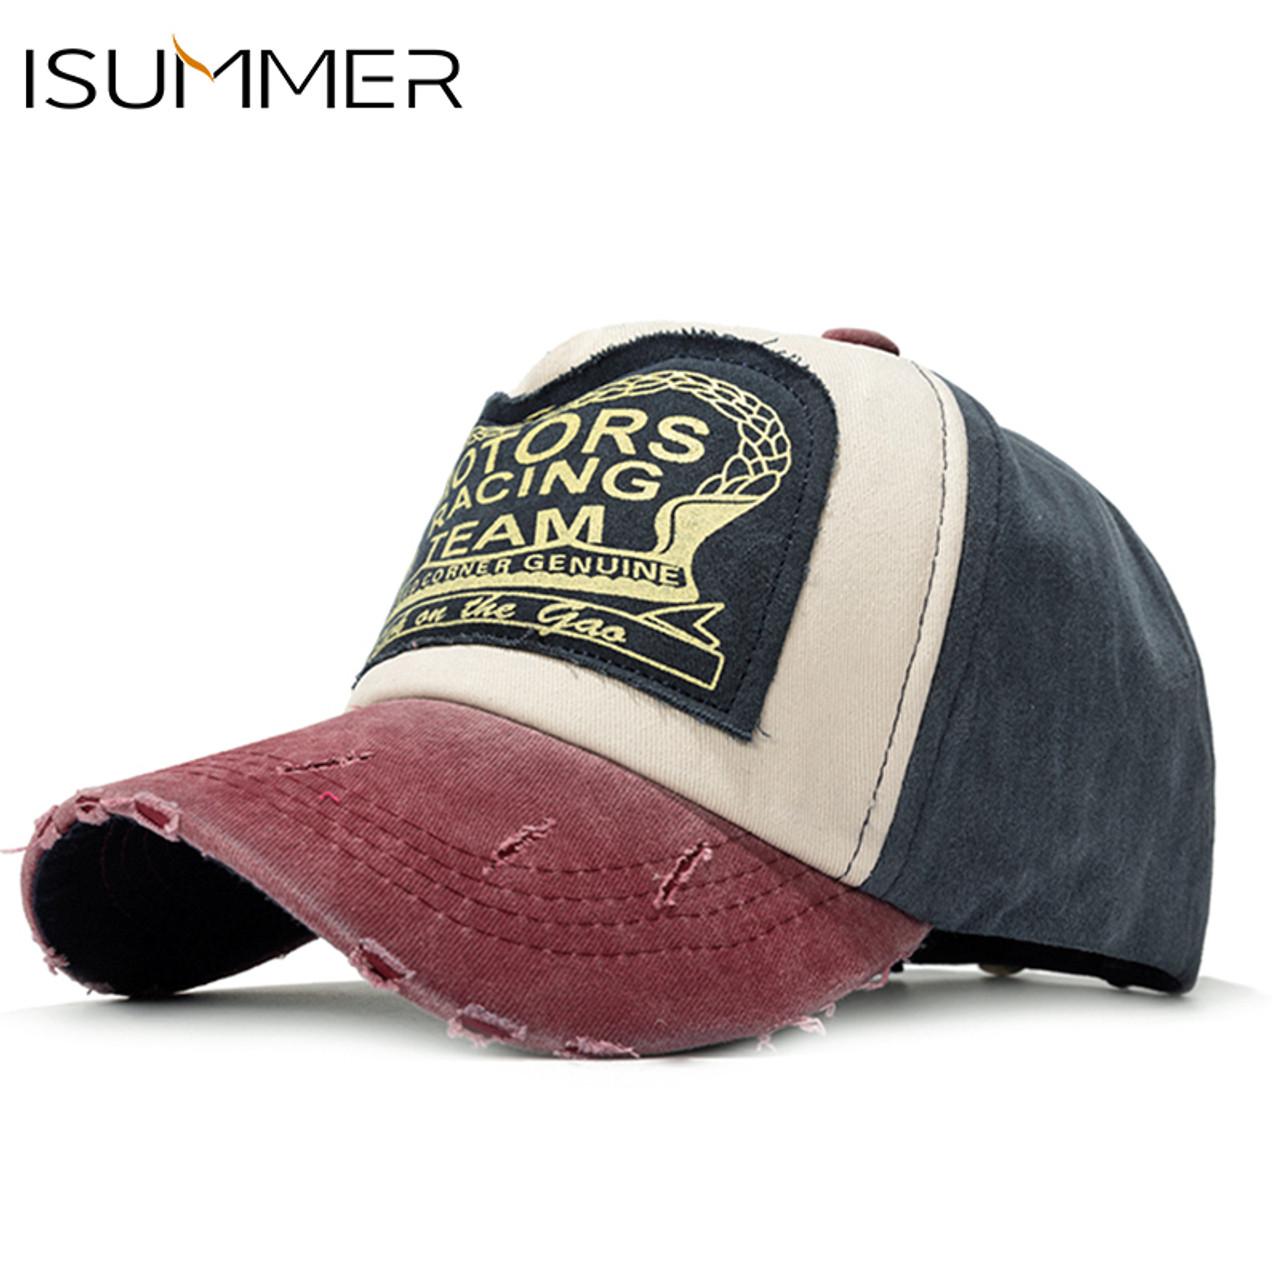 ISummer 2018 Retro Baseball Cap Women Grinding Patchwor Baseball Hat Men  Snapback Hip Hop Hat Cotton Cap Unisex gorras Wholesale - OnshopDeals.Com e9194050d7b3